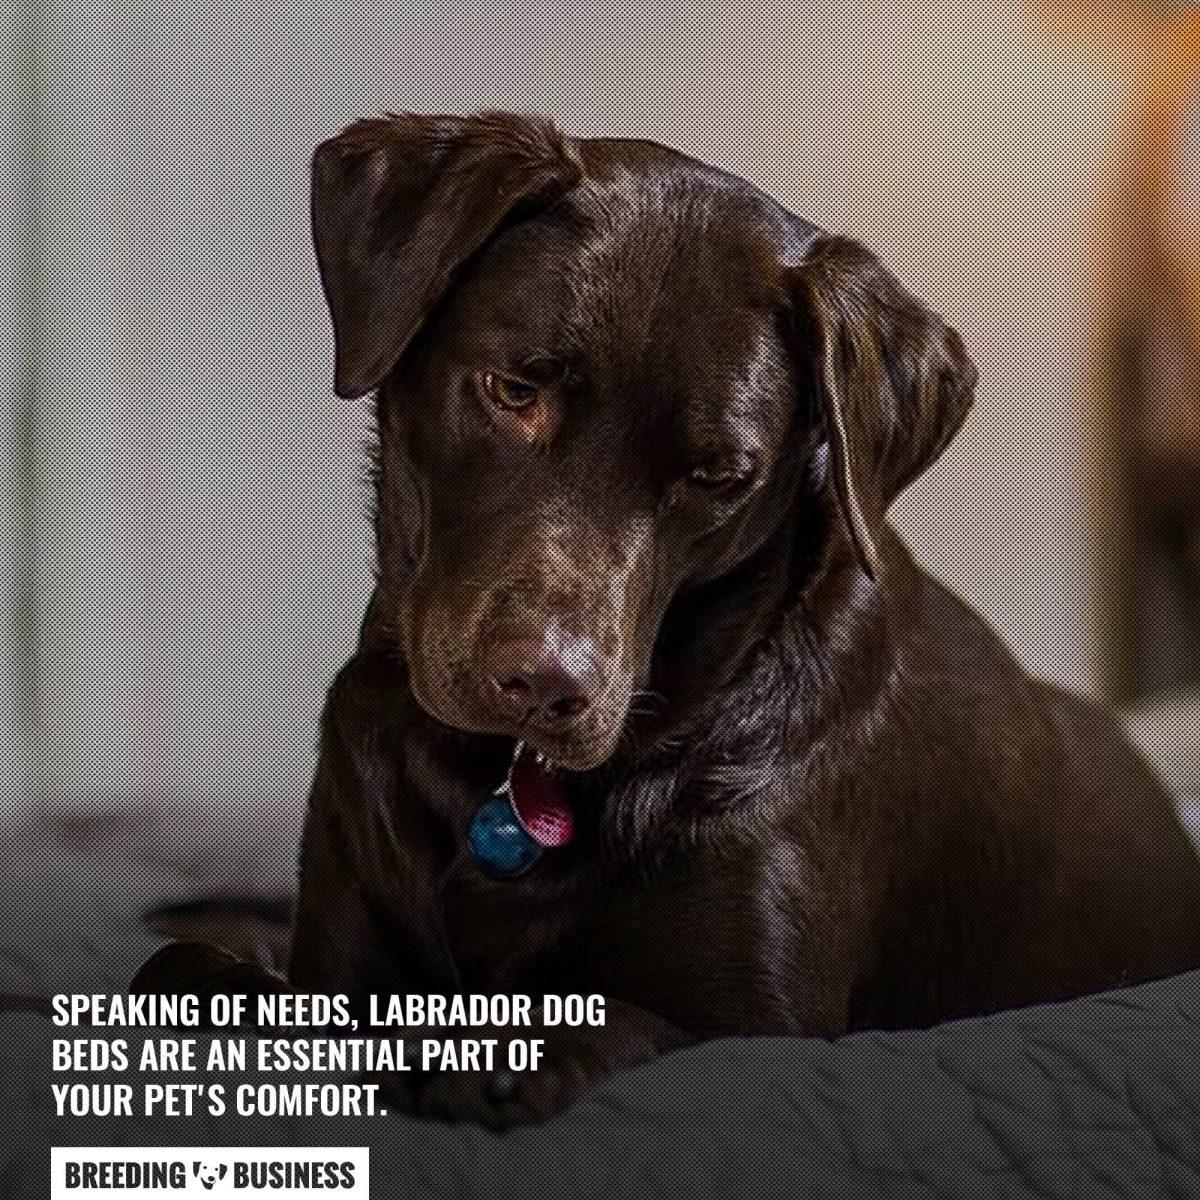 labrador dog beds are essential